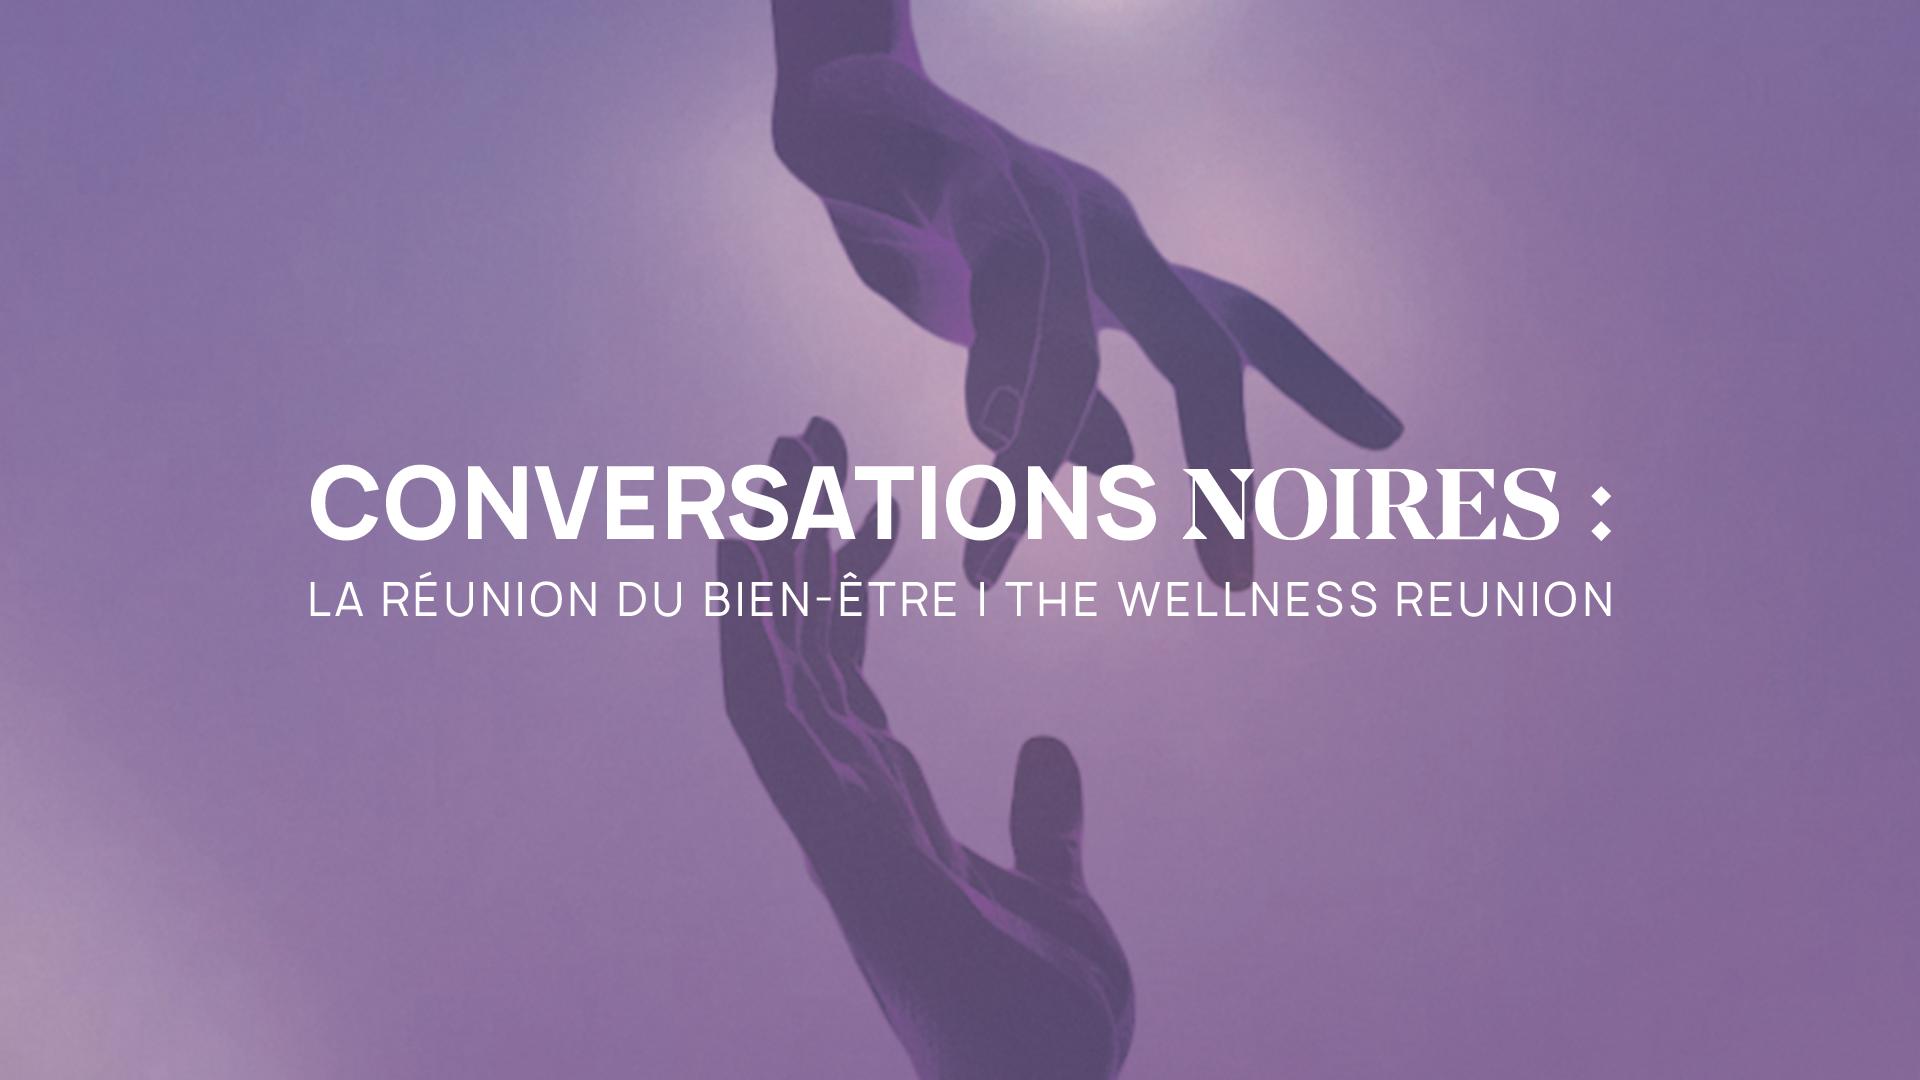 Conversations noires : La réunion du bien-être (The Wellness Reunion)